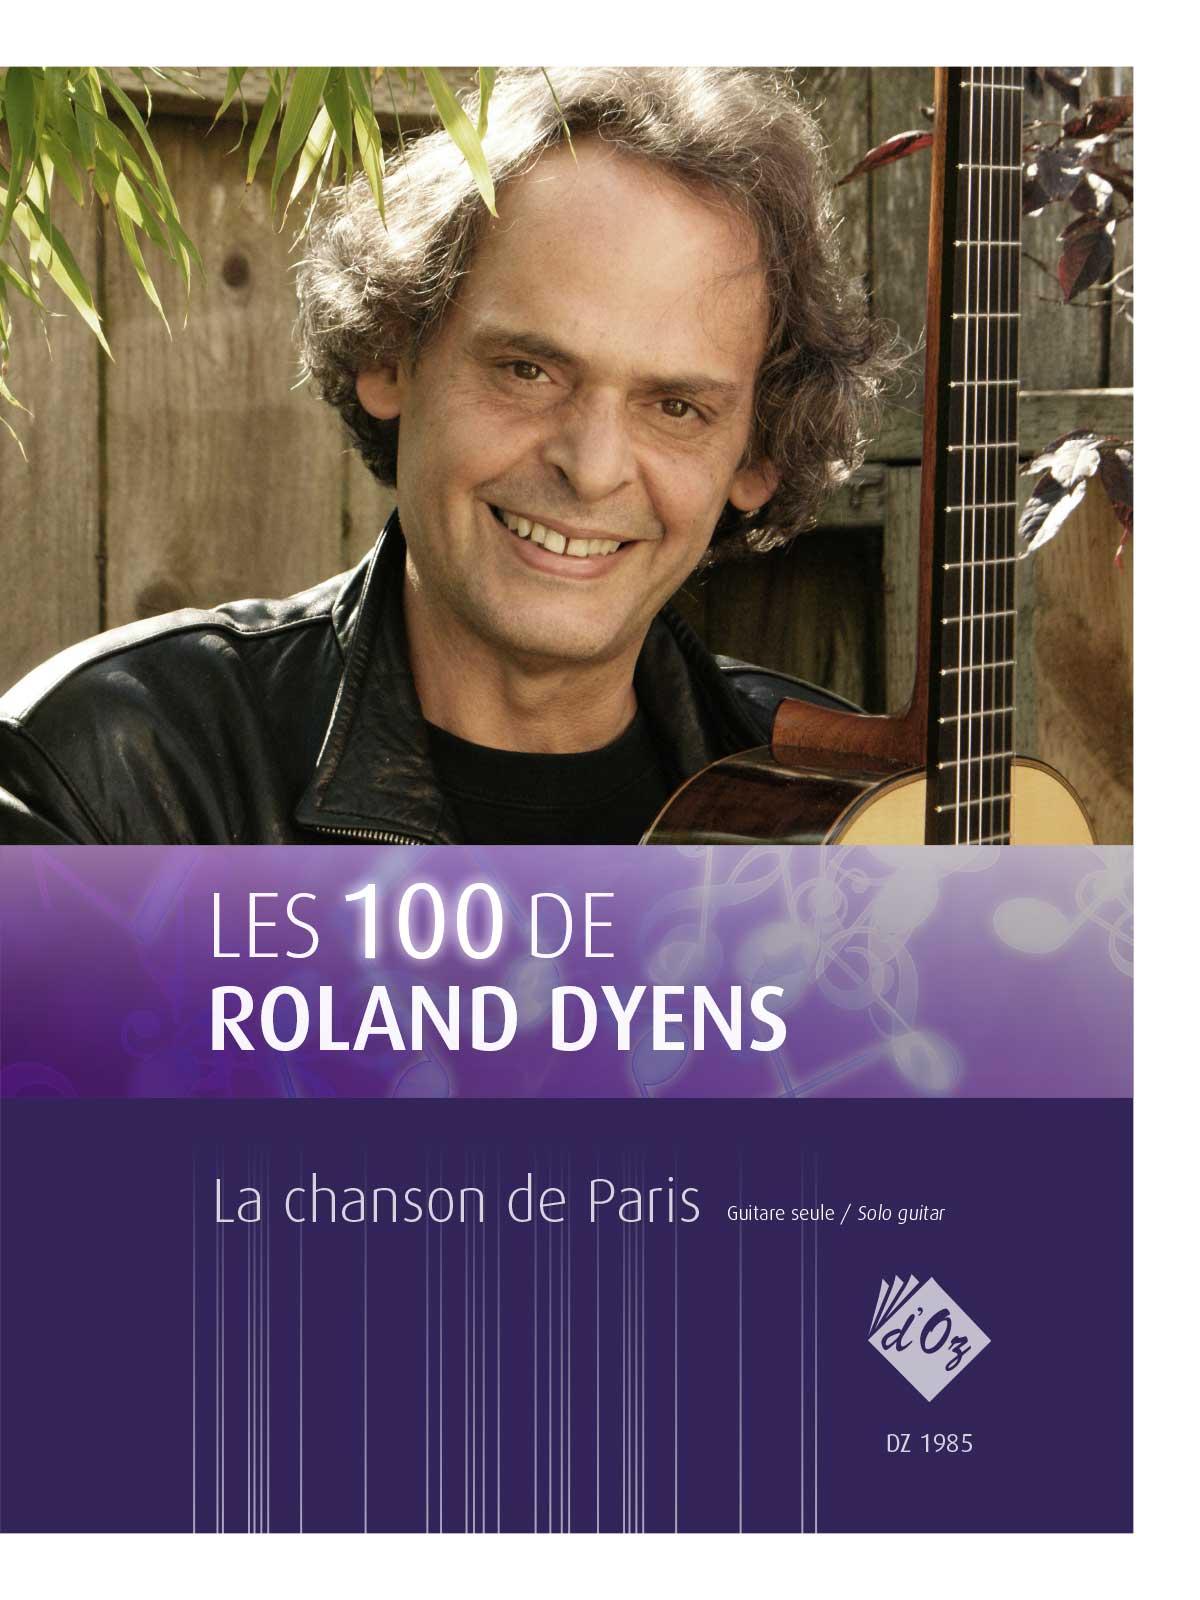 Les 100 de Roland Dyens - La chanson de Paris